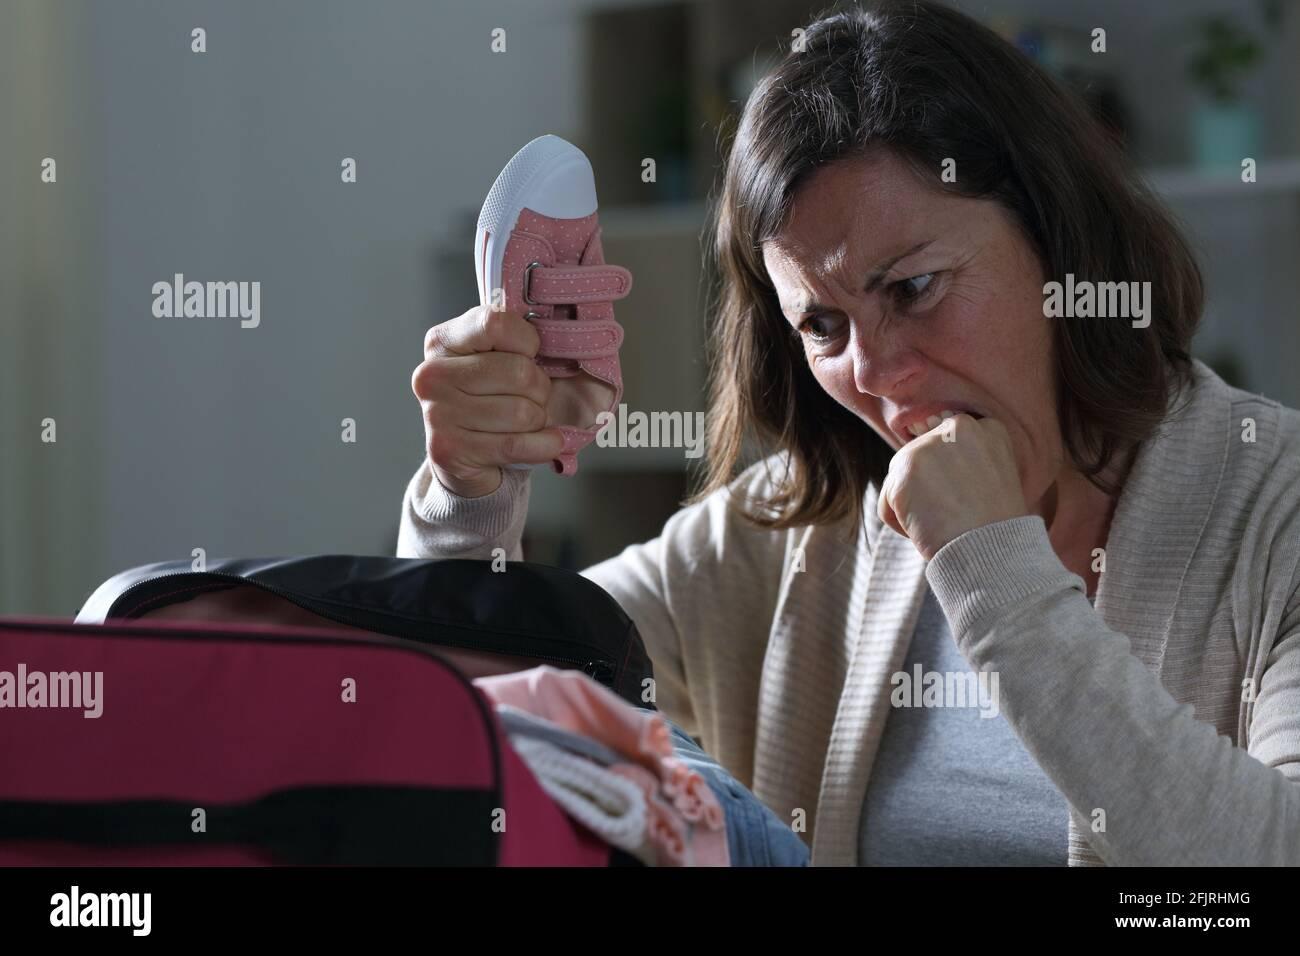 Femme adulte divorcée en colère regardant le sac de week-end de fille désorganisé la nuit à la maison Banque D'Images